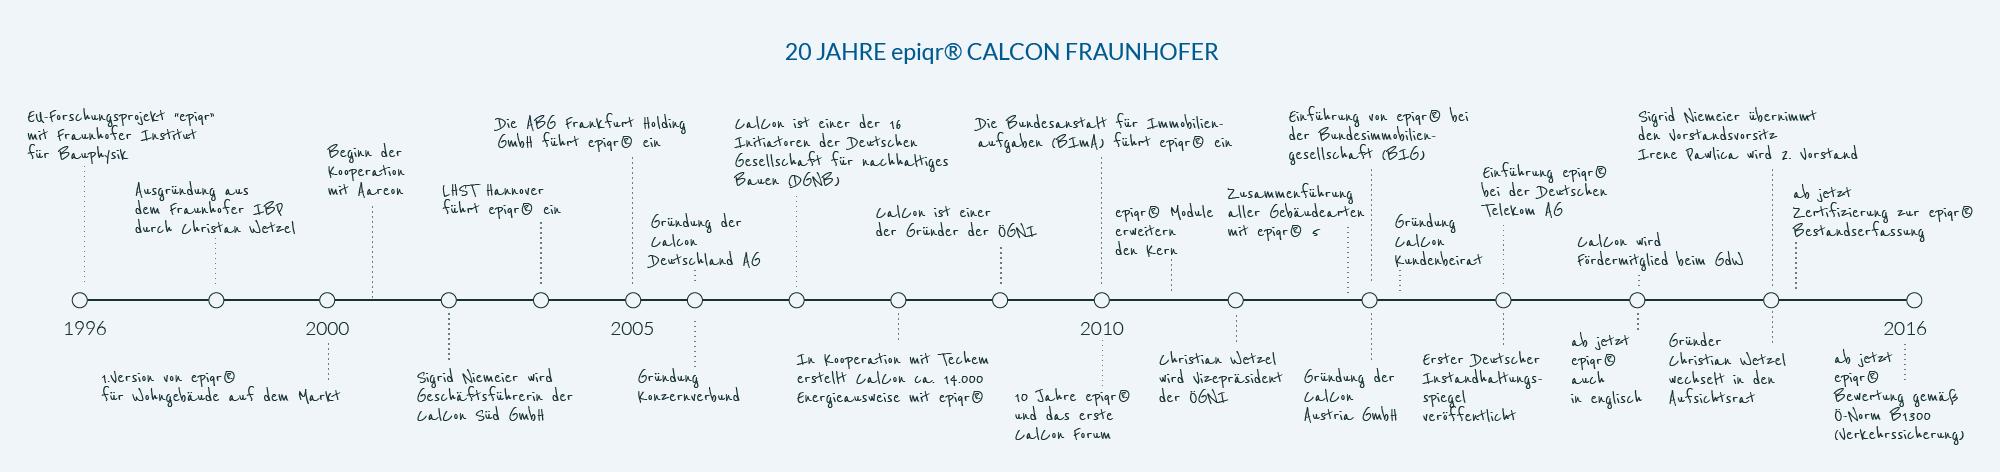 Timeline_Grafik